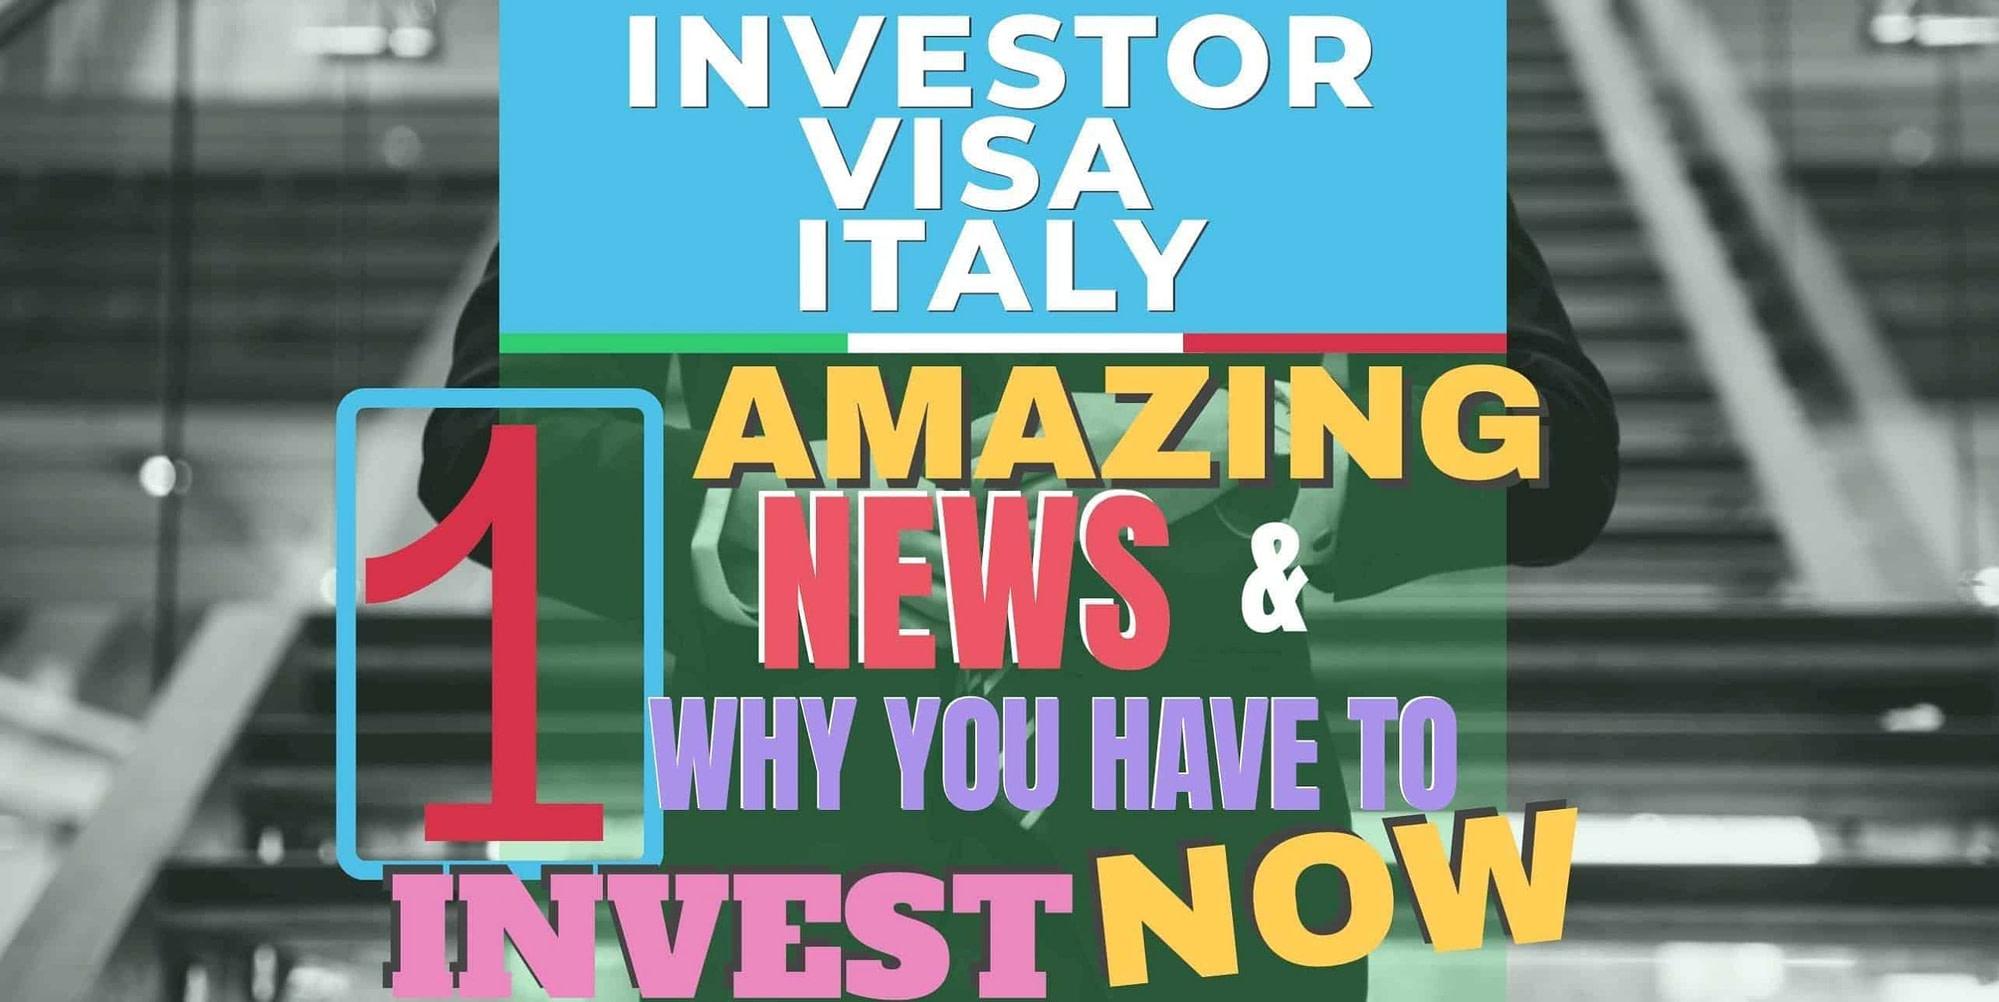 investor Visa Italy italian investor visa italy golden visa investor-golden-visa-italy-investor-visa-itay-investment-visa-investor-visa-italy-program-italian-investor-visa-assistance